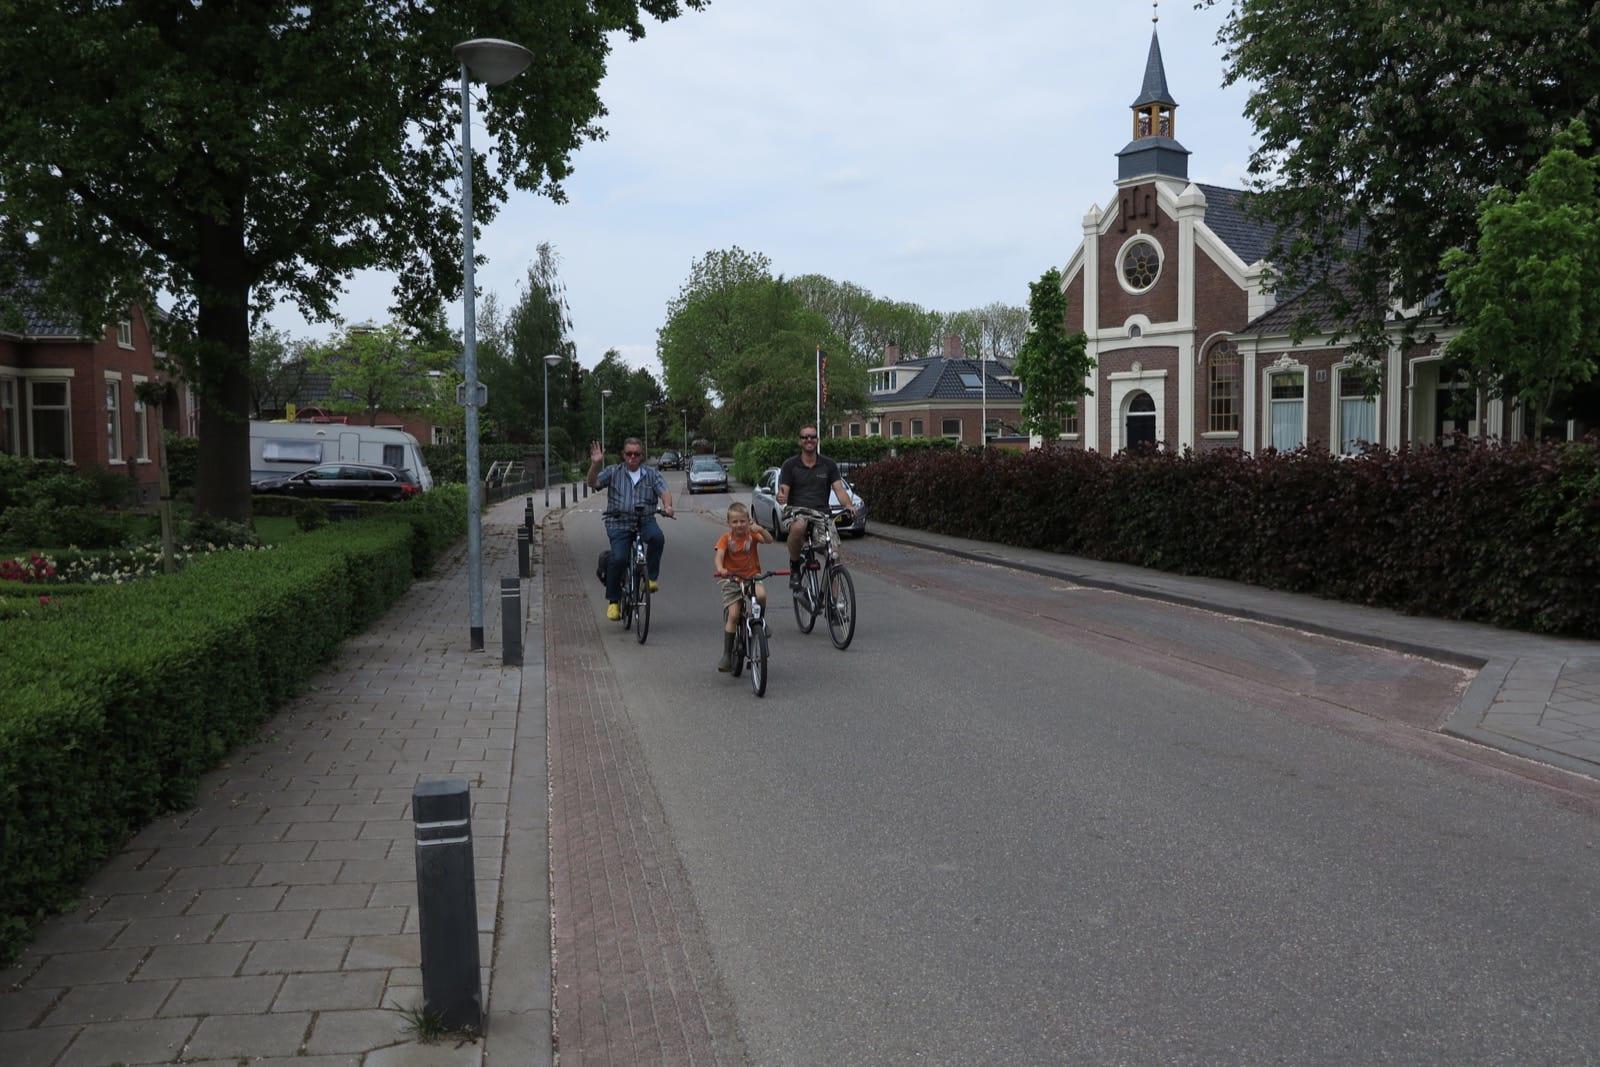 et-fiets-en-fietser-36-drie-generaties-v.d.-veen-oi.jpg